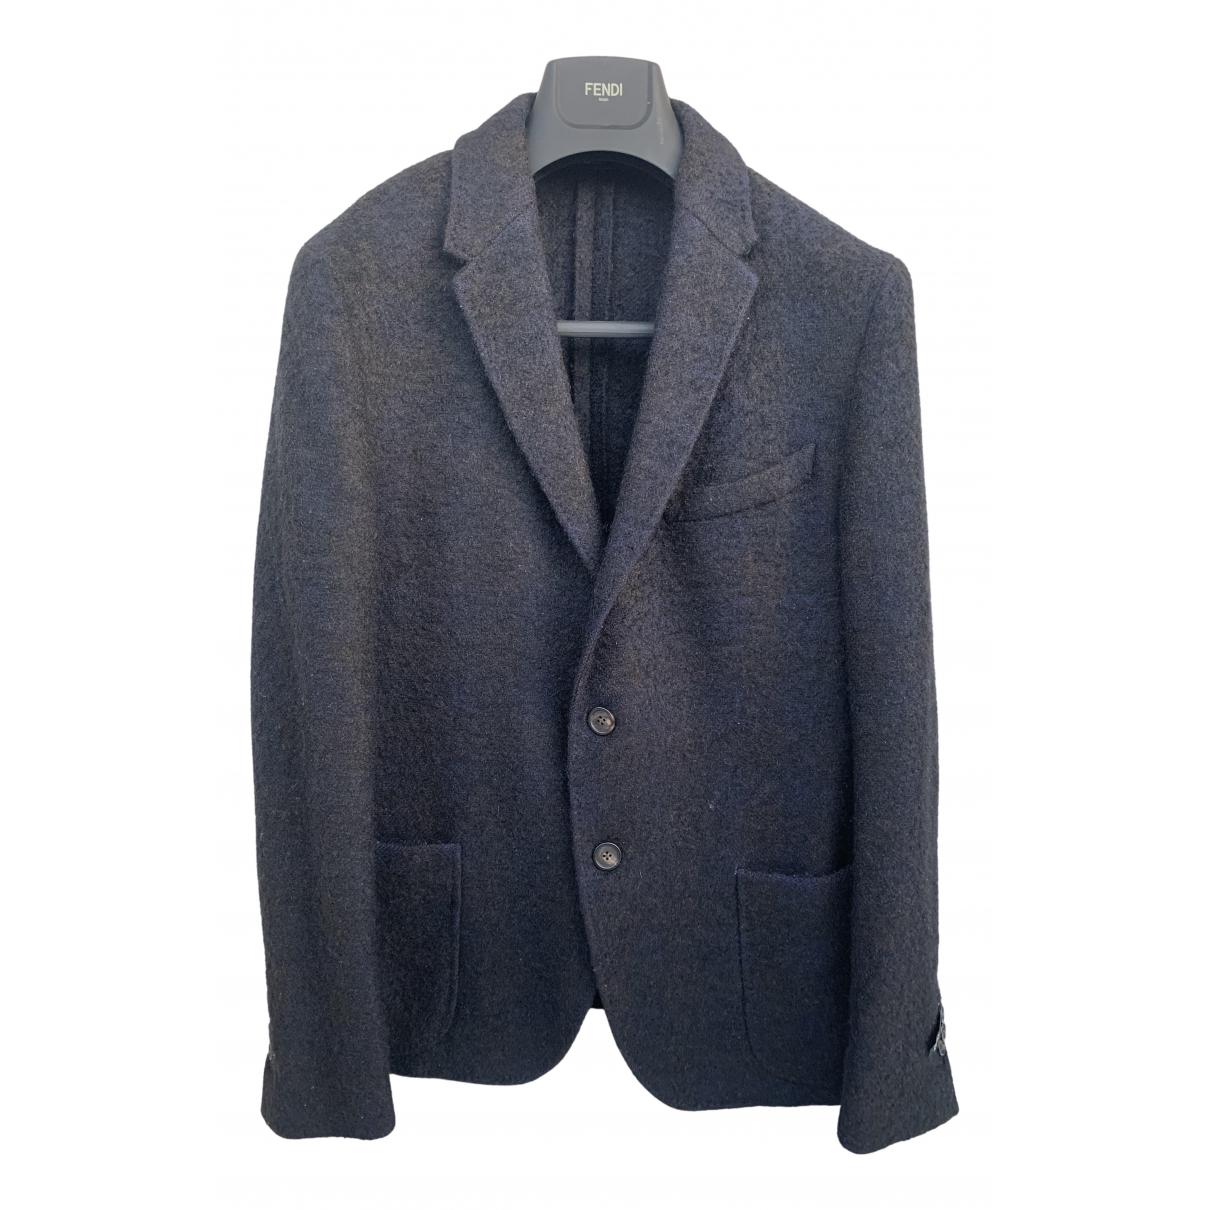 Fendi - Vestes.Blousons   pour homme en laine - gris